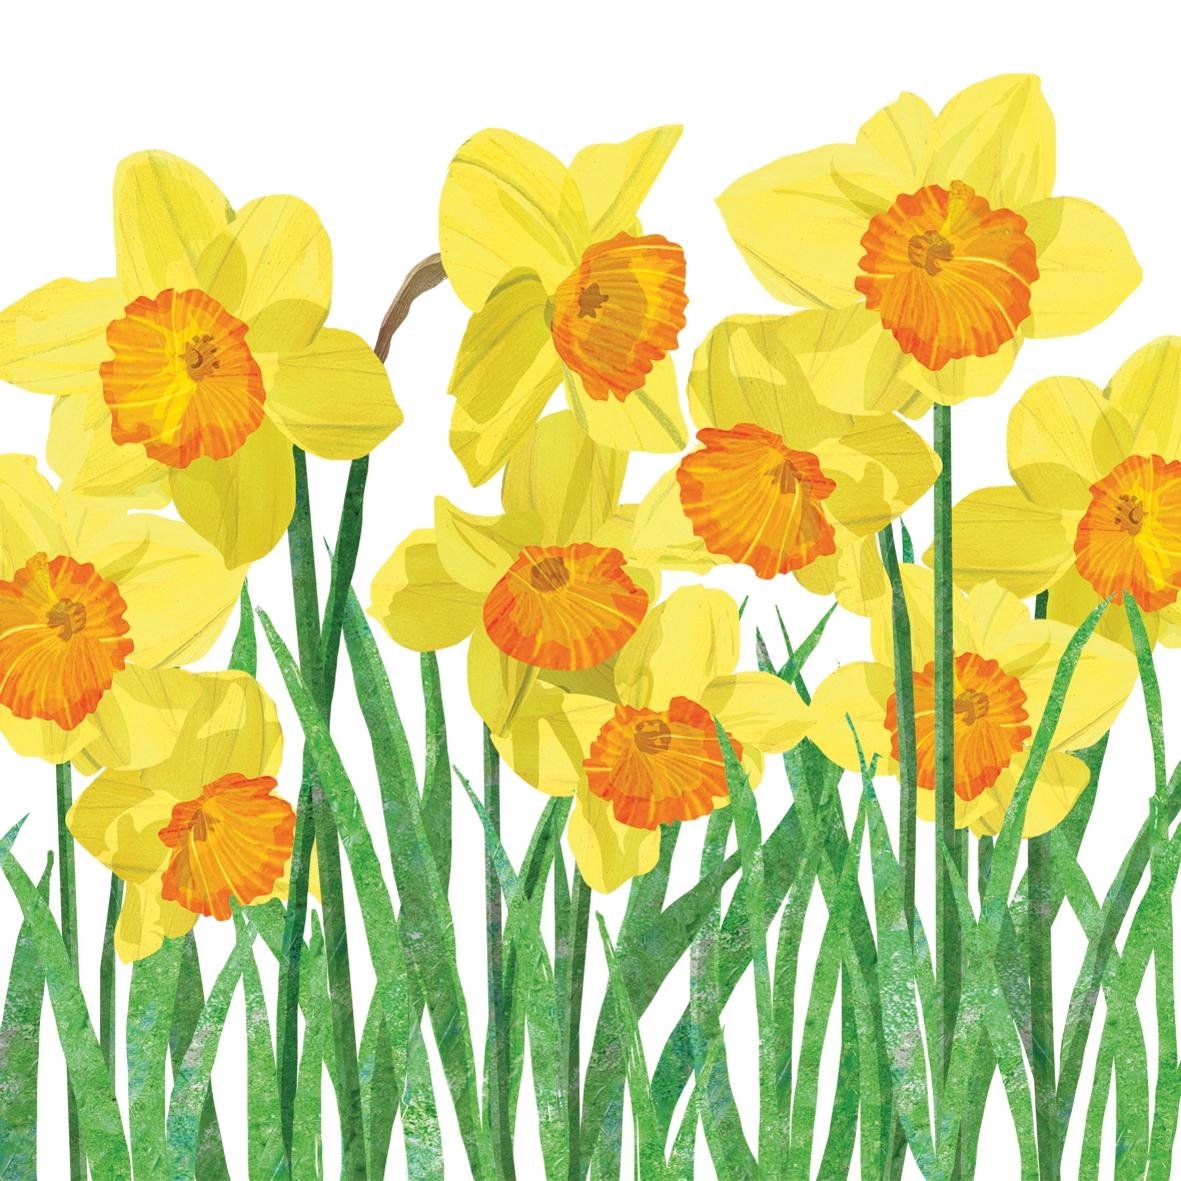 Cocktail Servietten Yellow Daffodils,  Blumen - Osterglocken,  Frühjahr,  cocktail servietten,  Narzissen